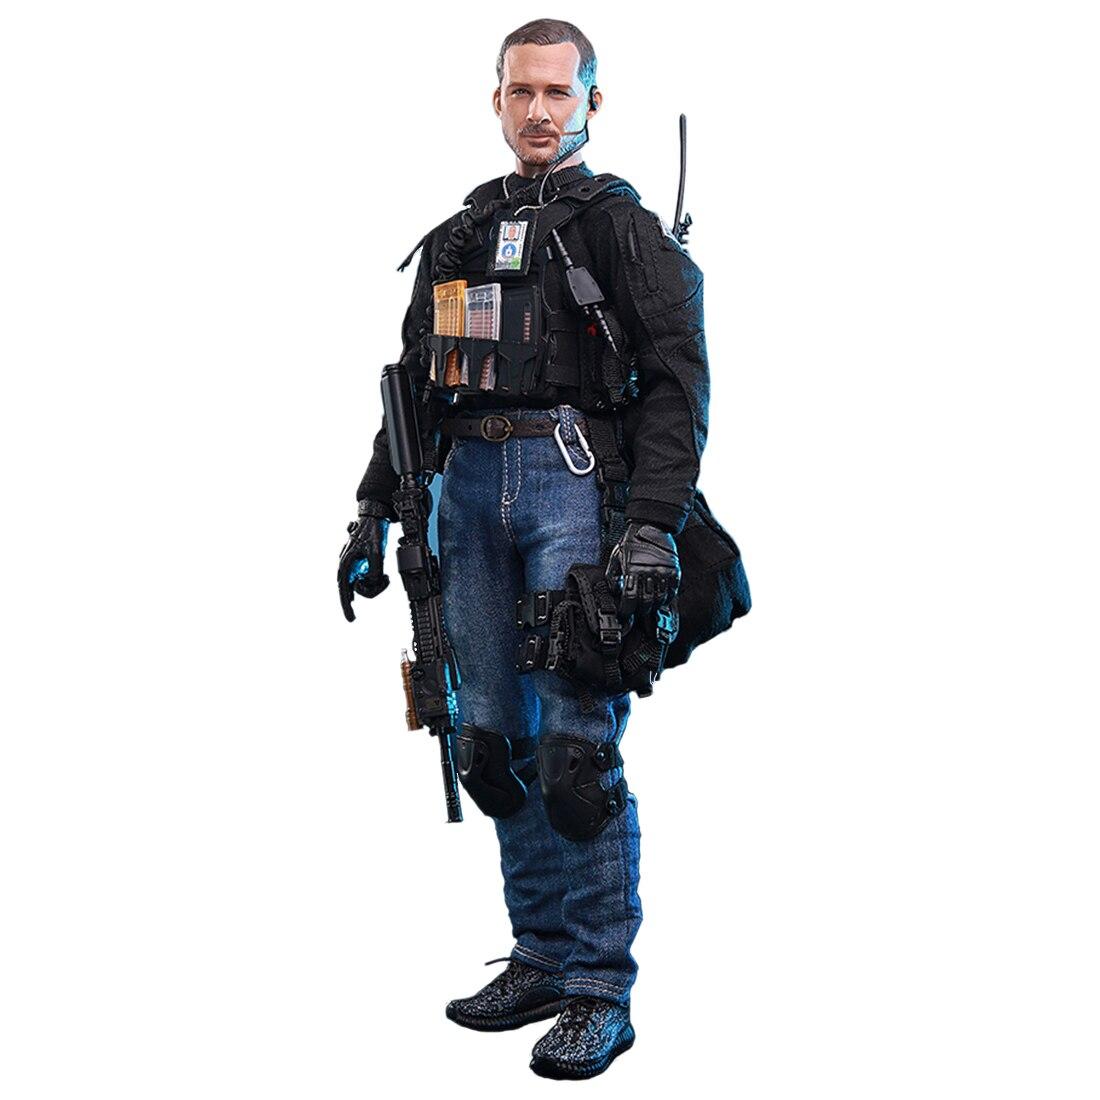 """CIA Agents armés 1/6 échelle accessoire ensemble pour 1/6 12 """"Action Figure blocs de construction jouets modèles Kits militaire soldat modèle enfants-in Kits de construction from Jeux et loisirs    1"""